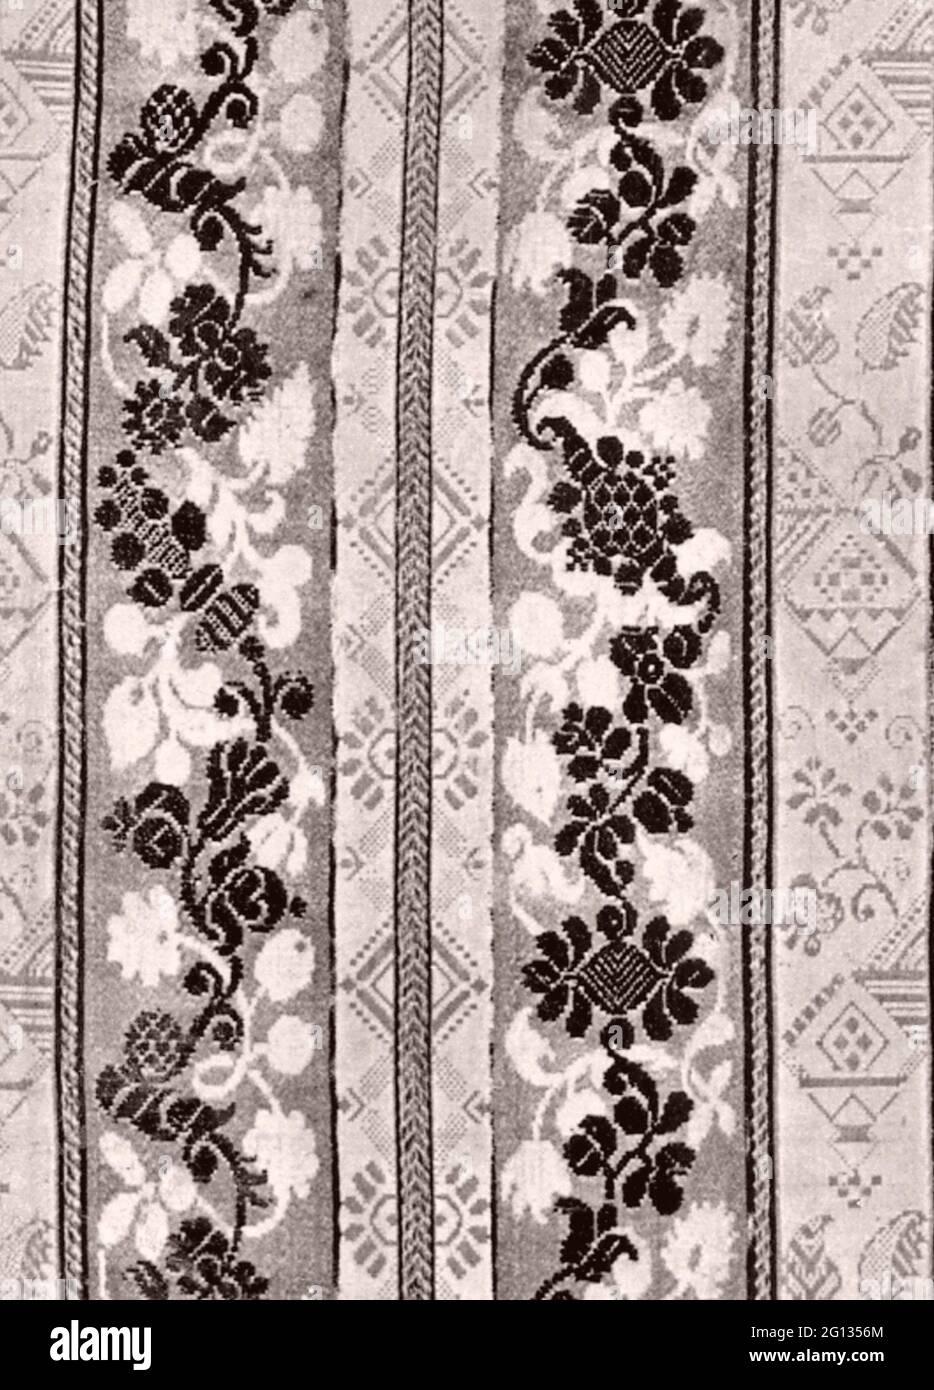 Fragmento - finales del siglo 17th - Francia satén brocado damasco. 1675 - 1700. Foto de stock